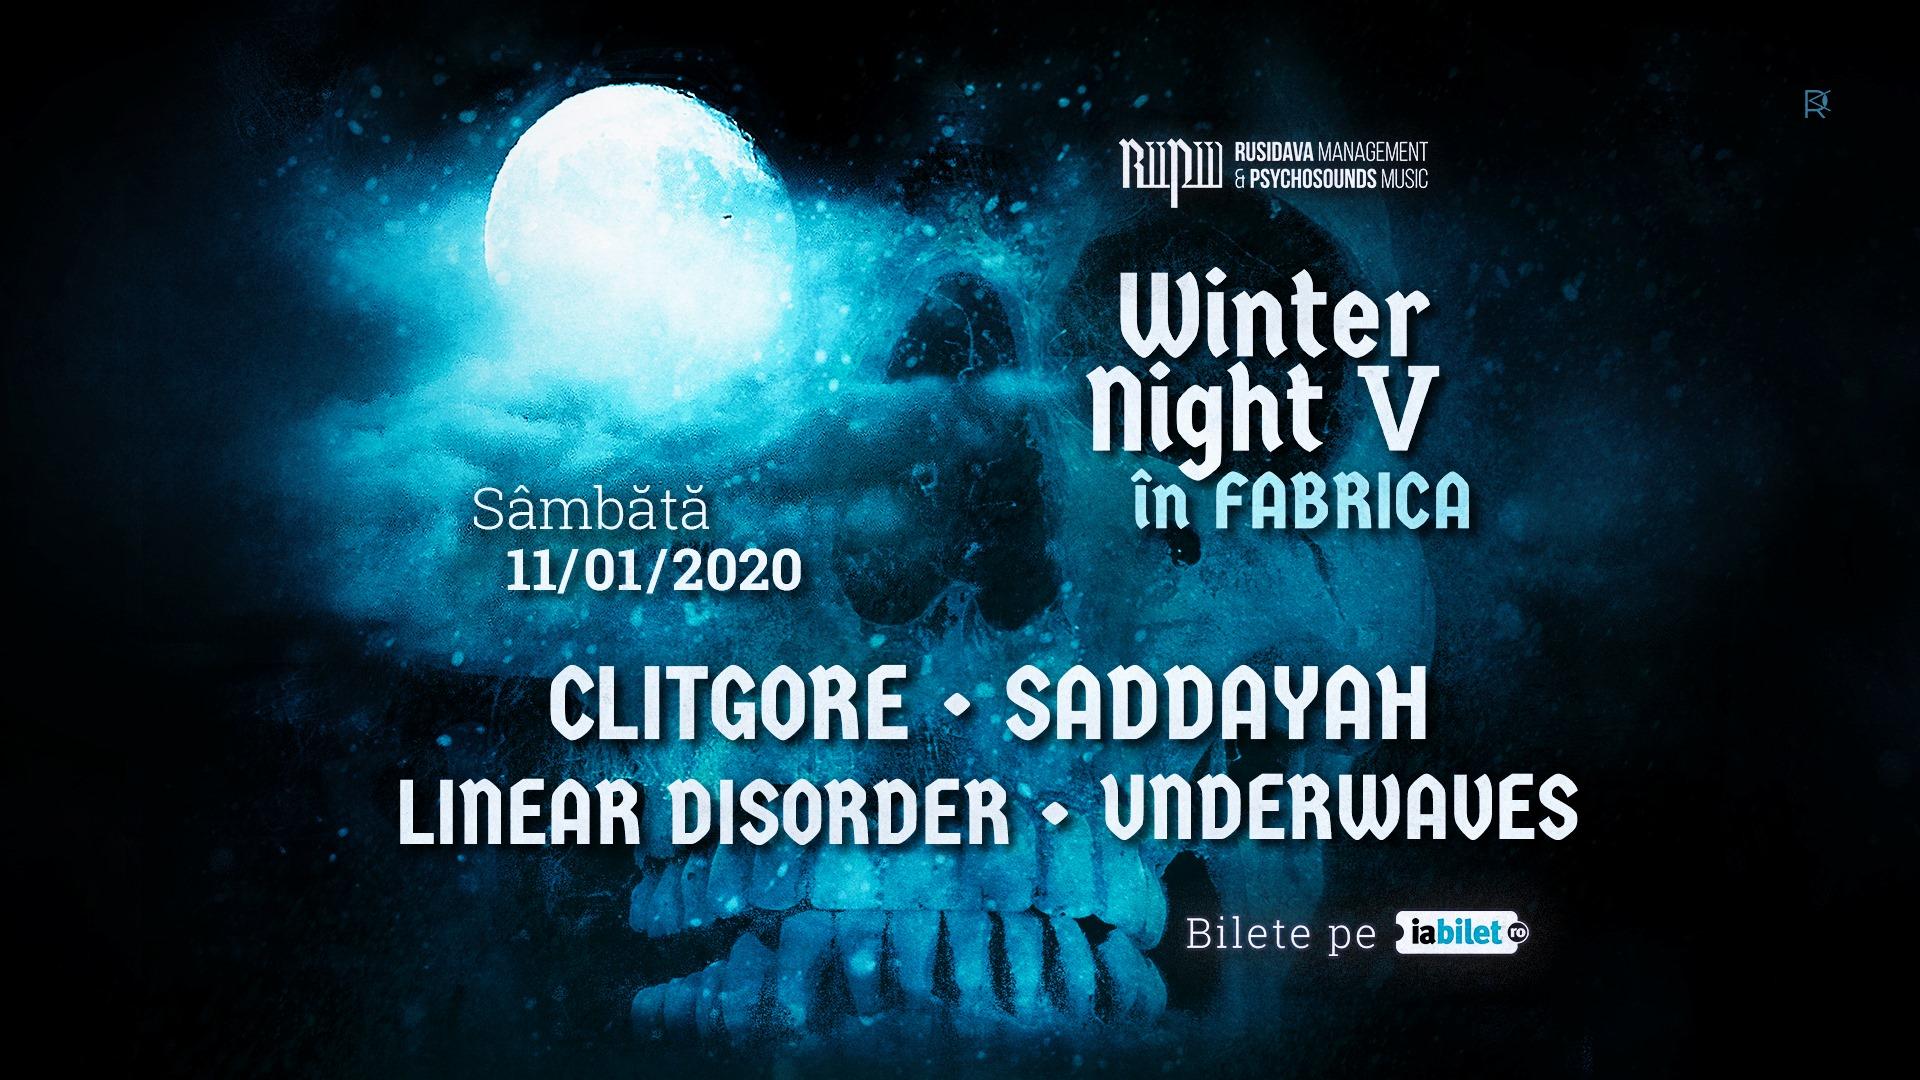 winternightv